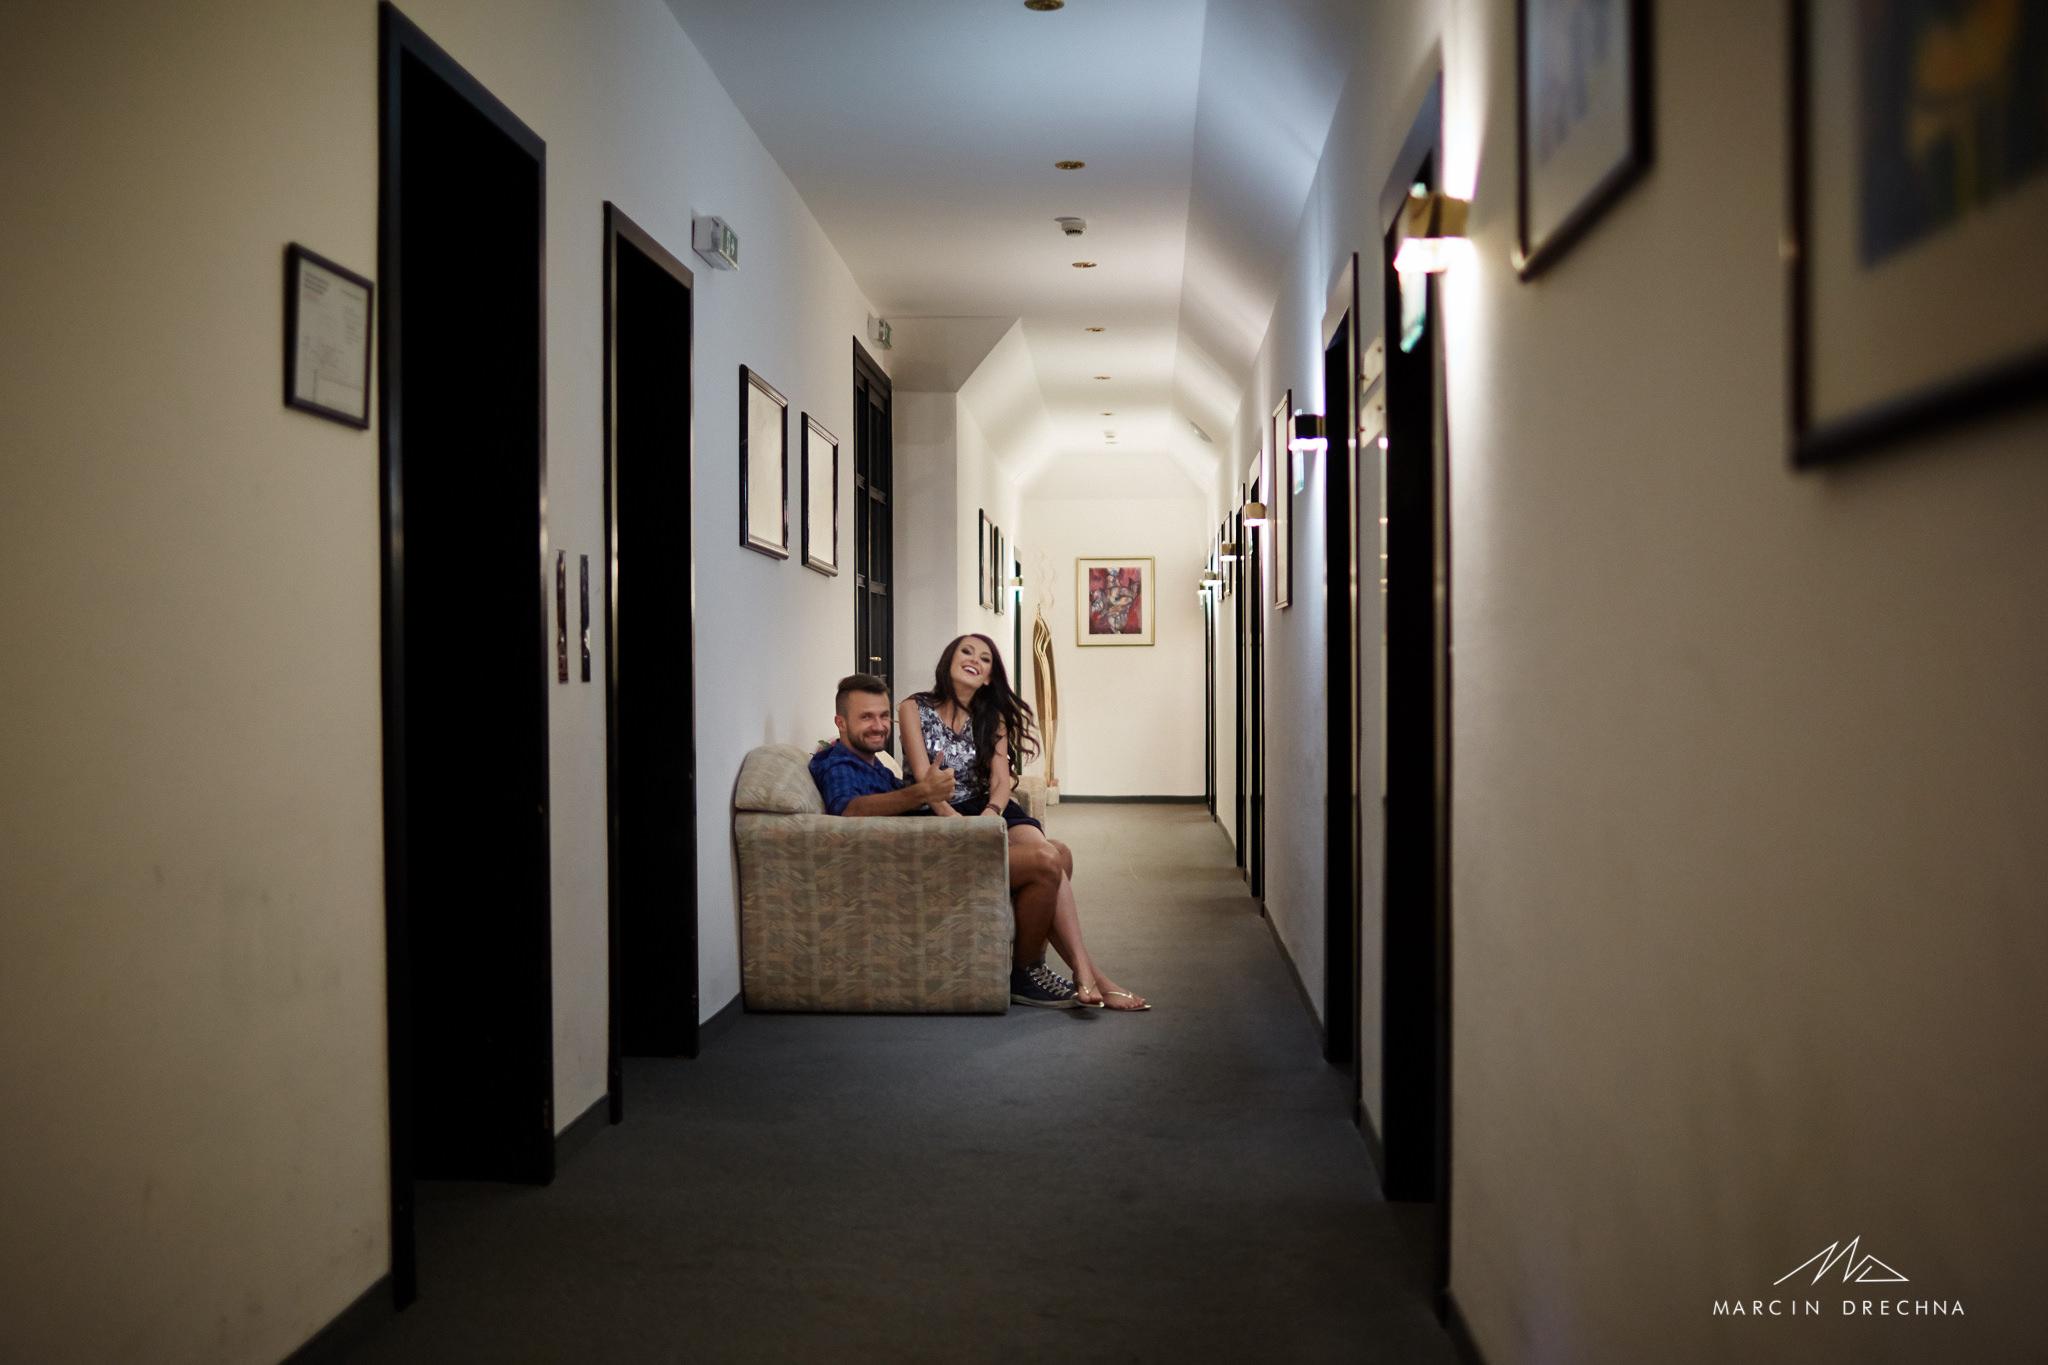 zdjęcia w hotelu w pradze